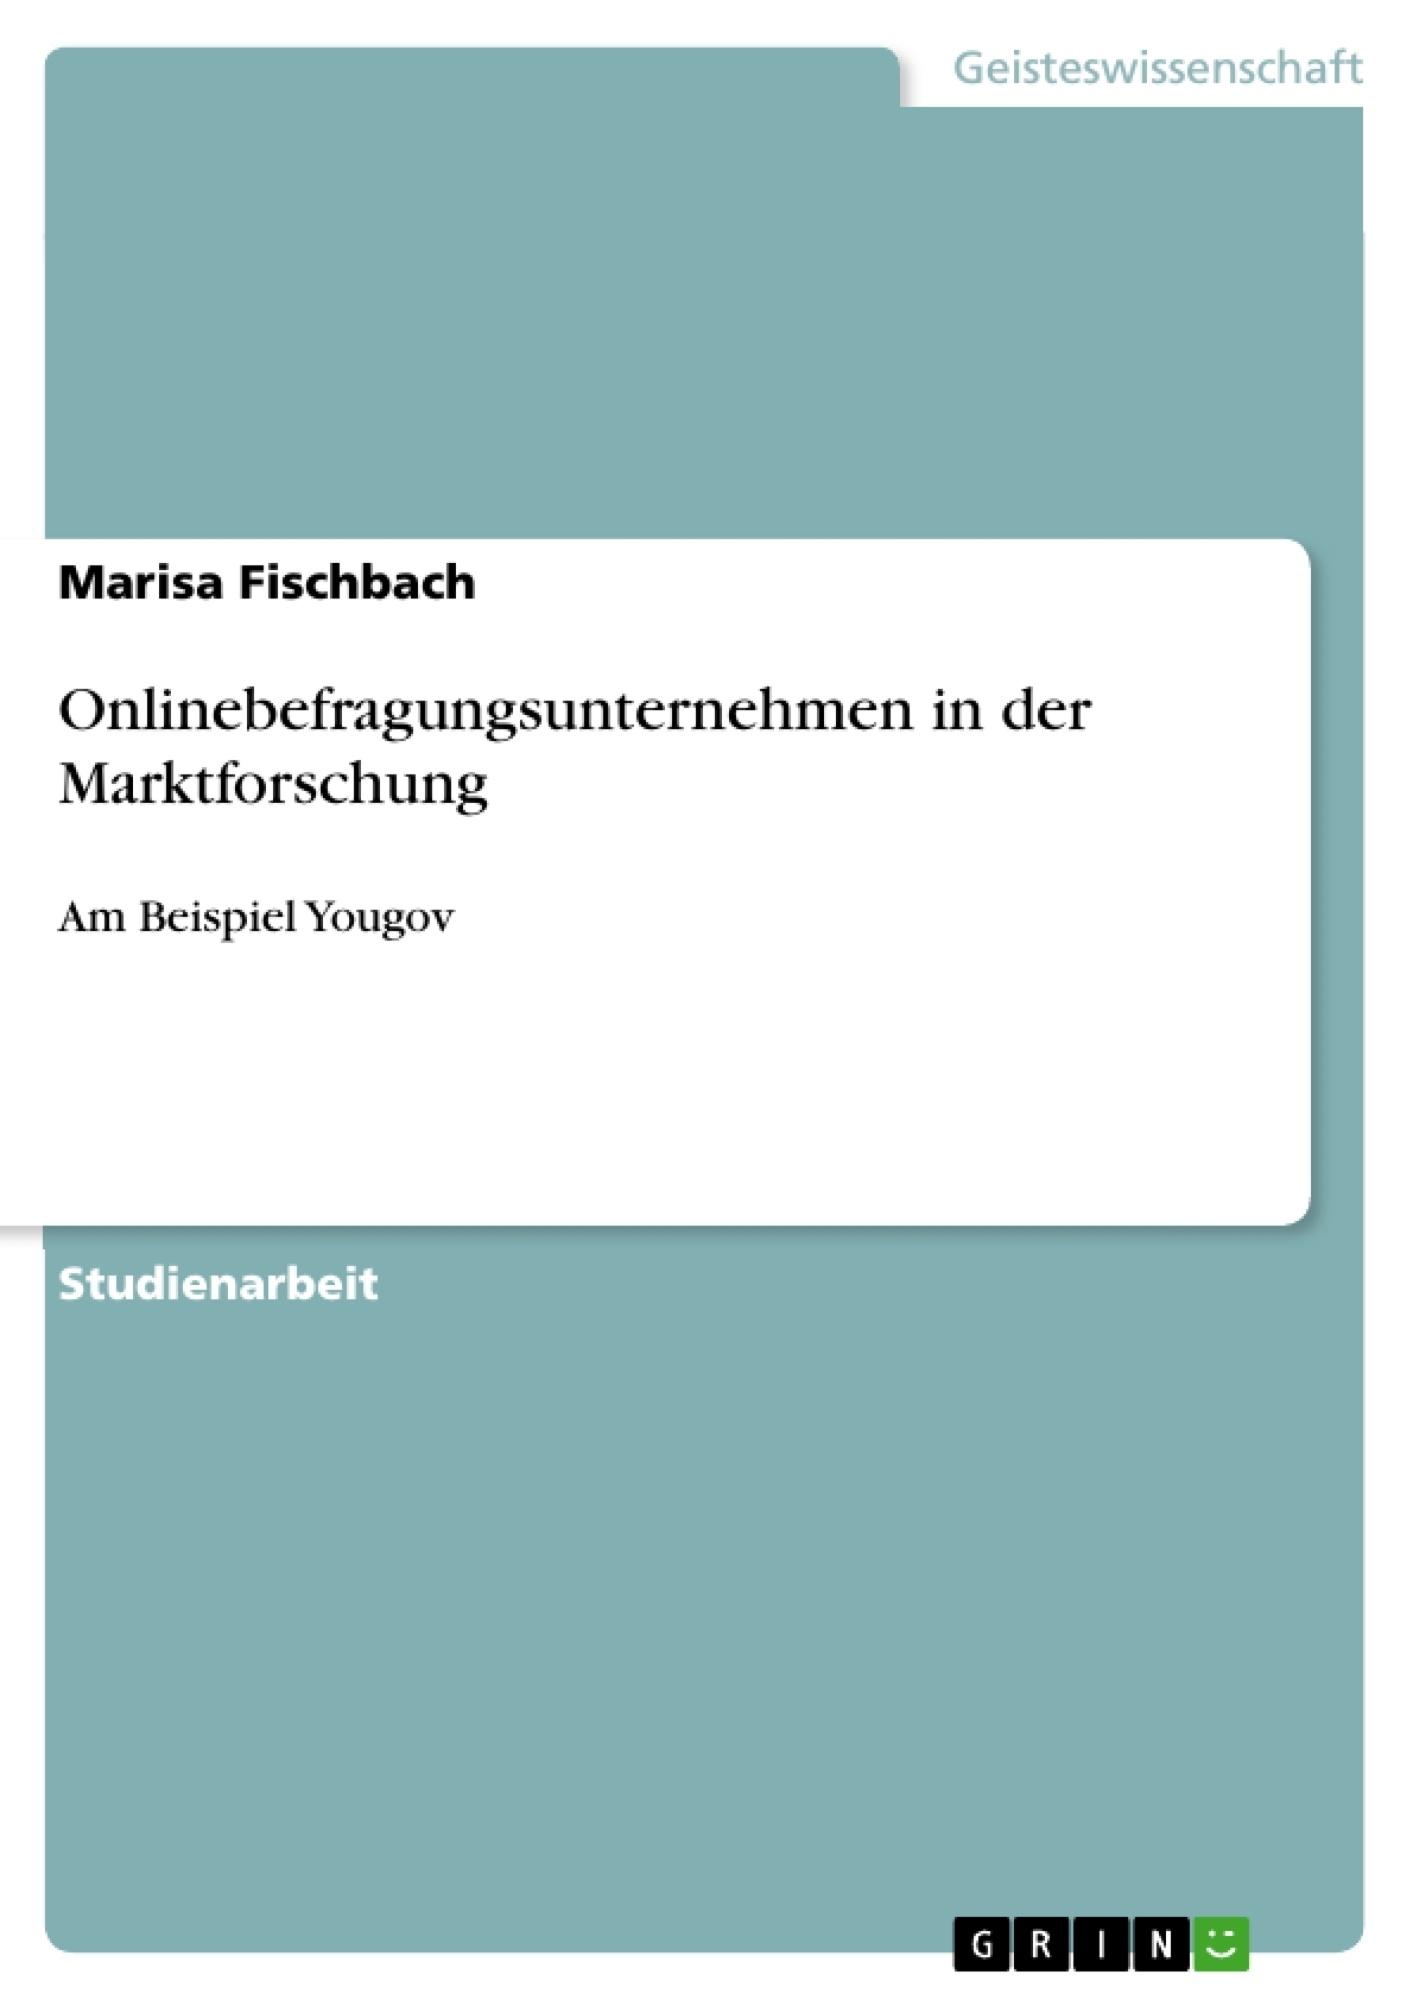 Titel: Onlinebefragungsunternehmen in der Marktforschung